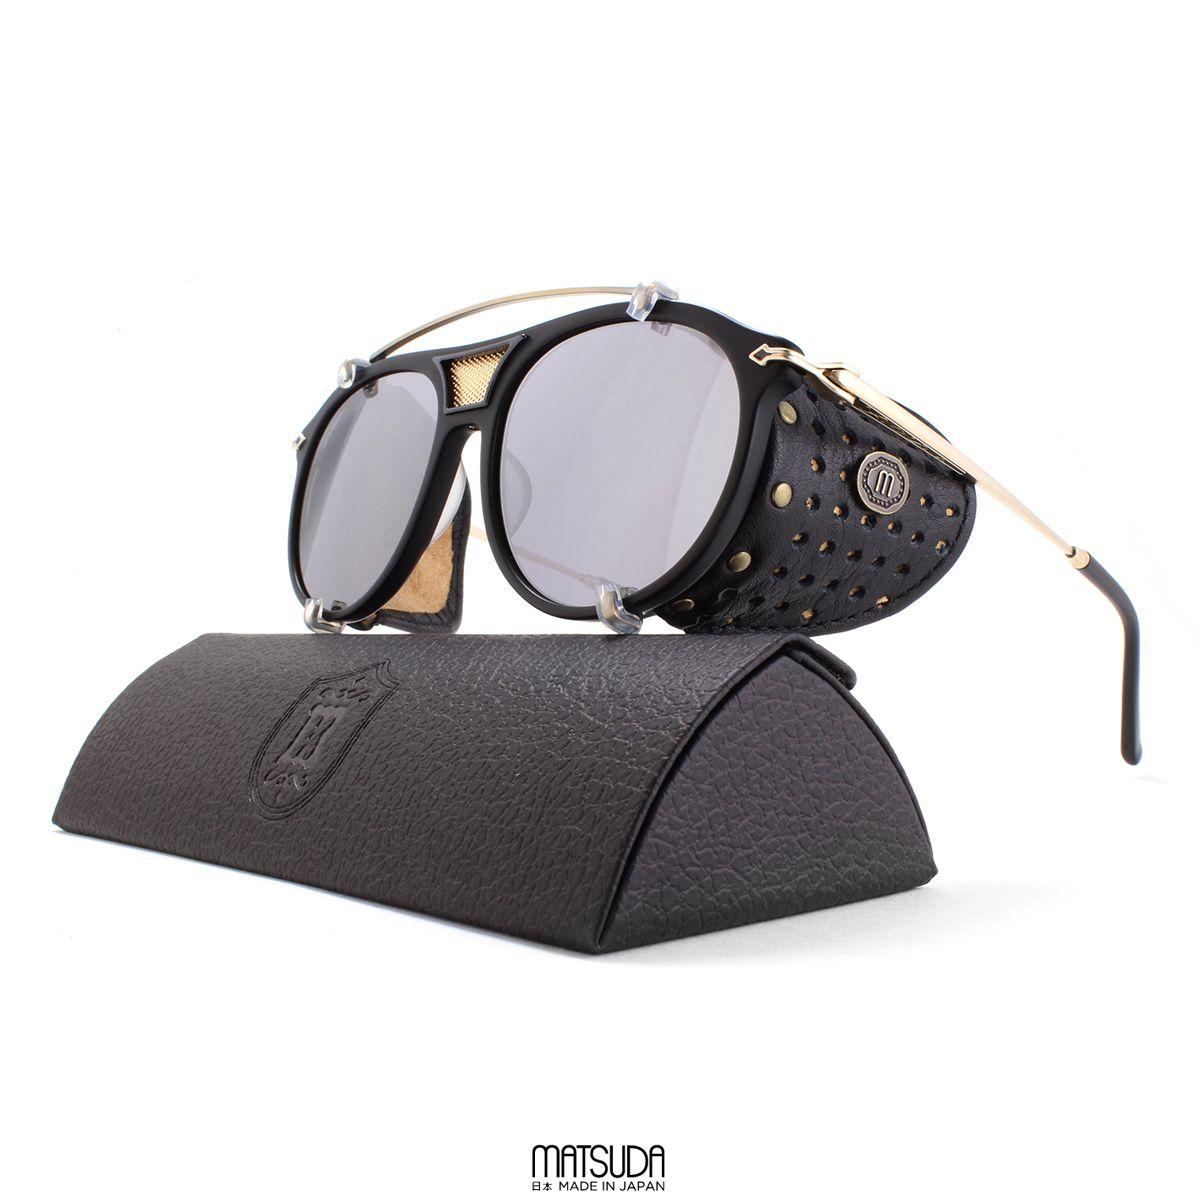 d85a40b001e Inspired by glacier glasses